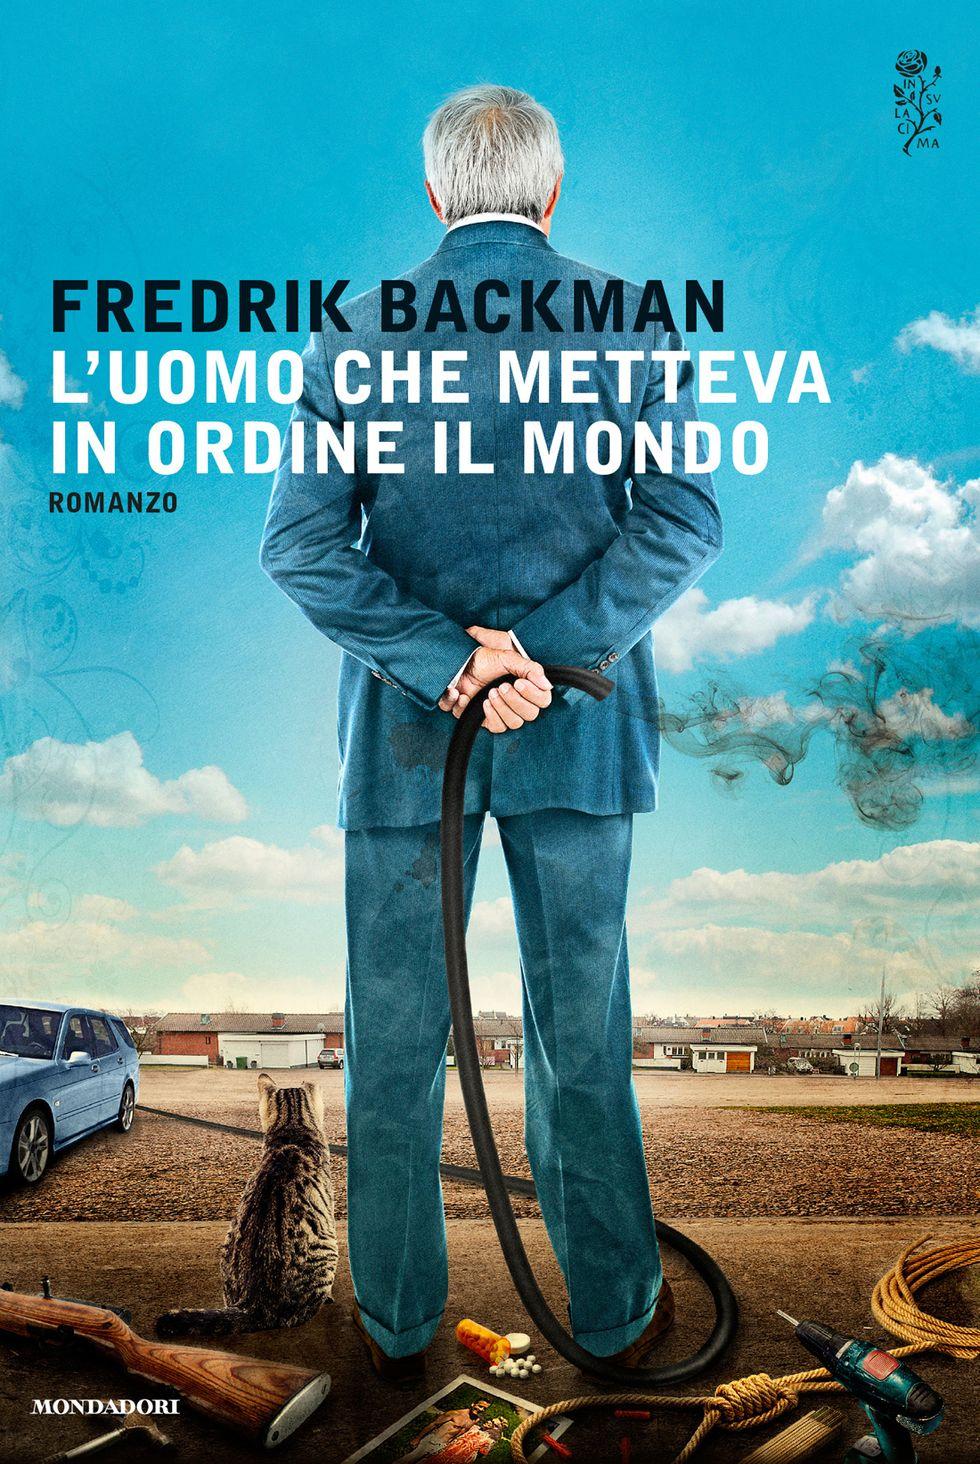 Backman: L'uomo che metteva in ordine il mondo